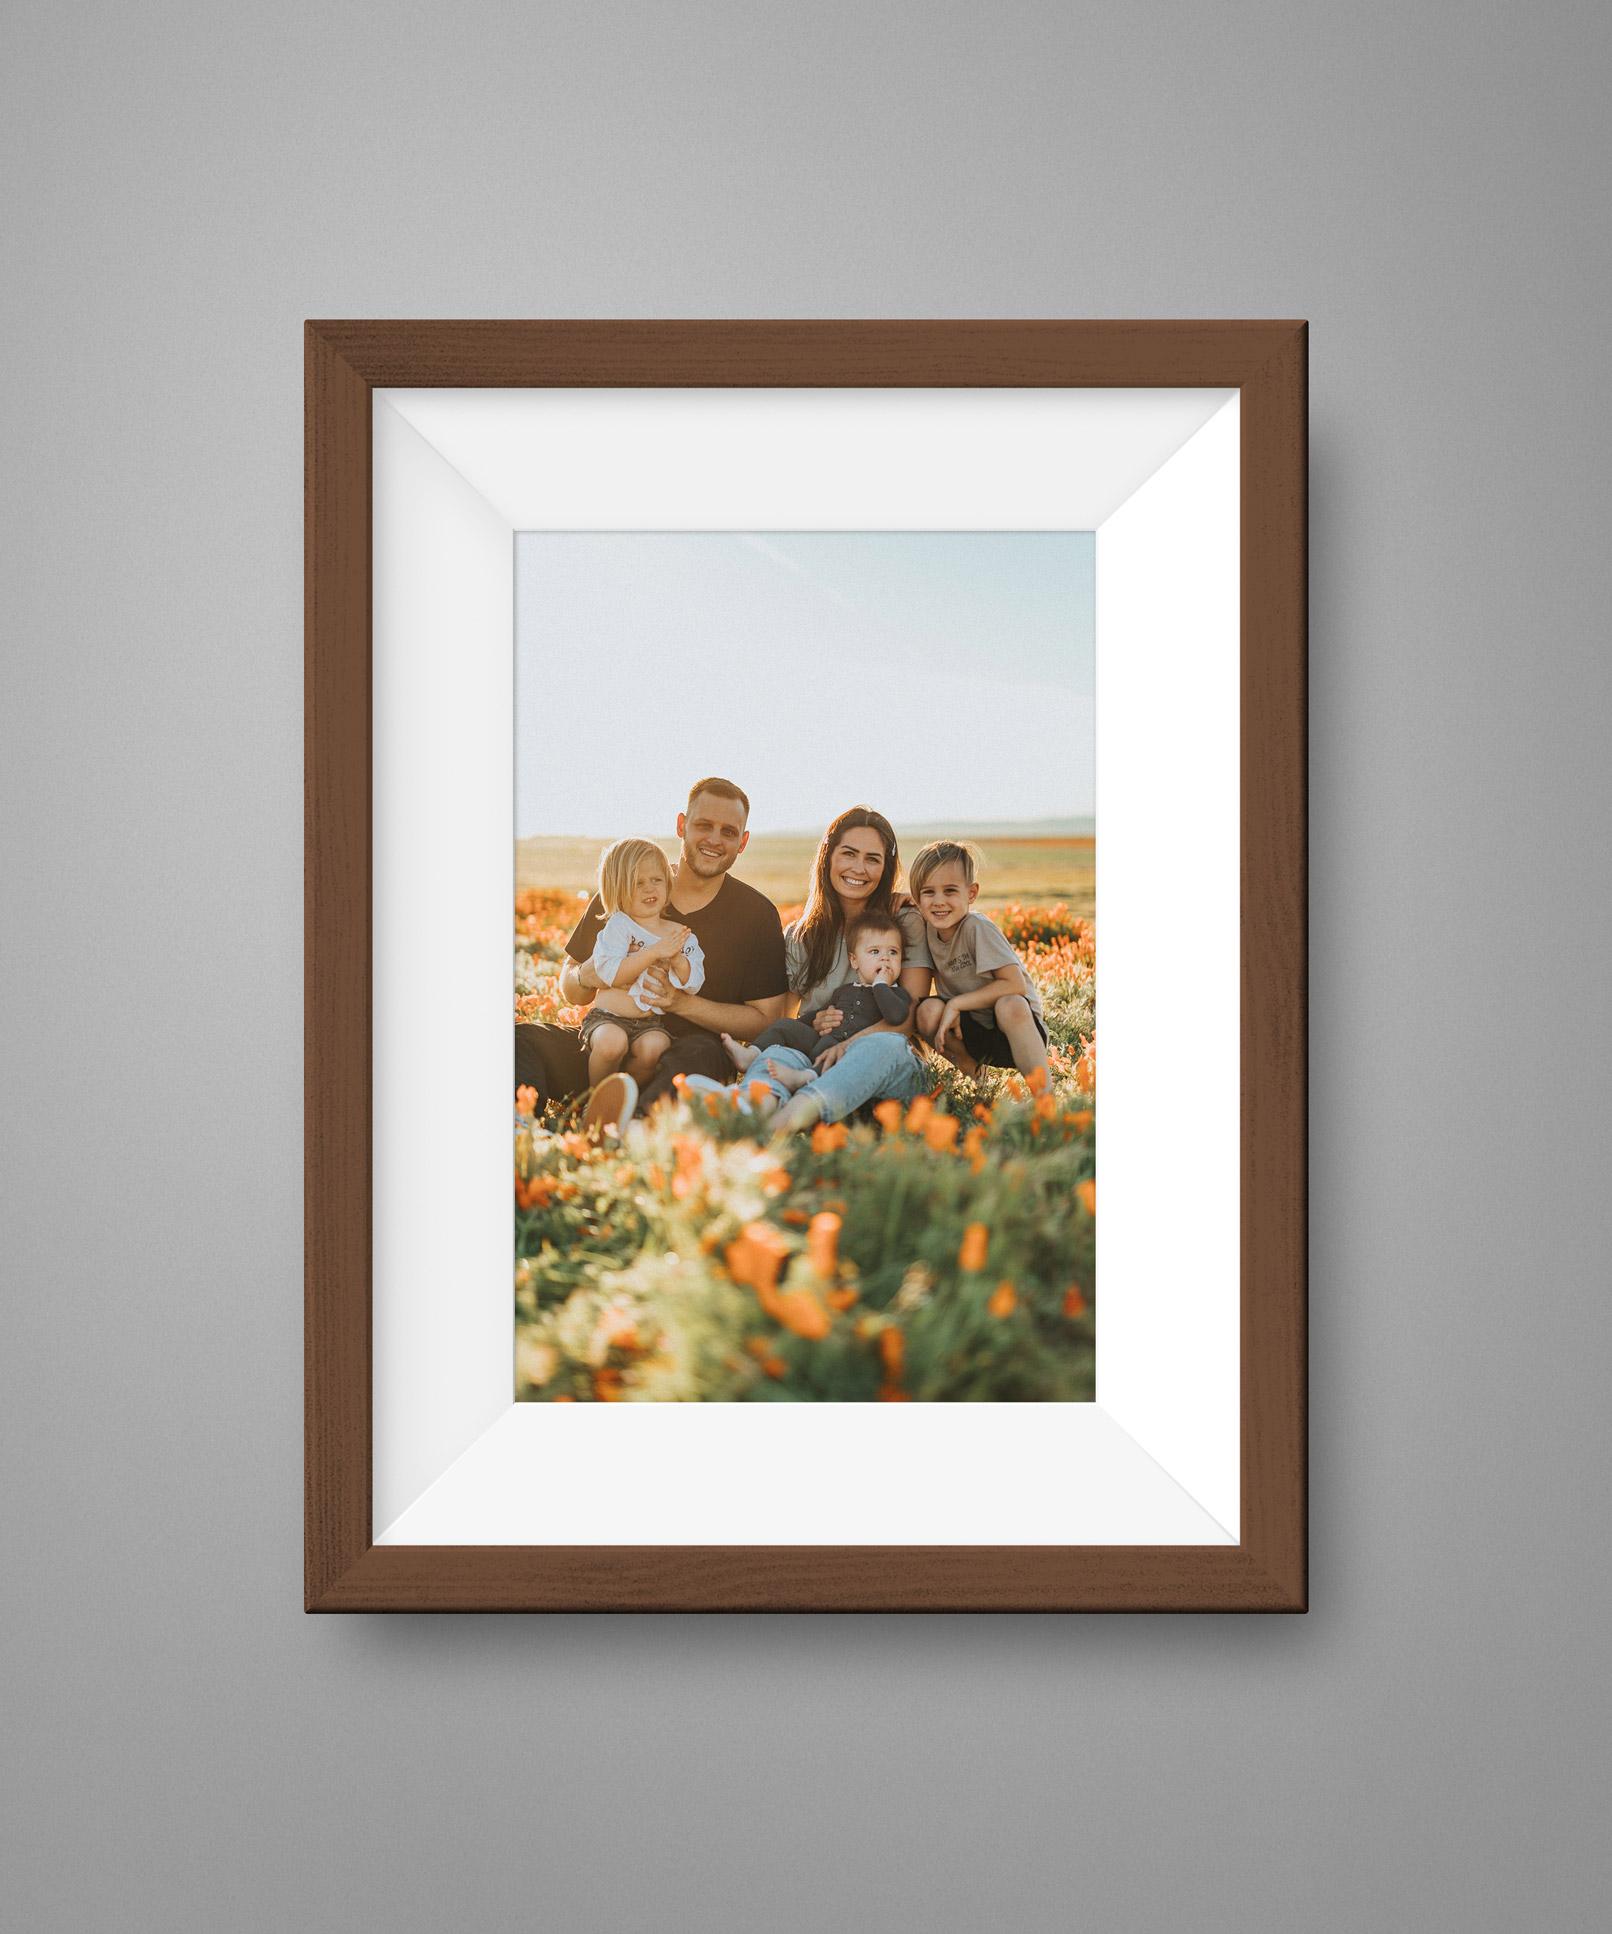 Familienfoto in einem braunen Bilderrahmen mit Holztextur